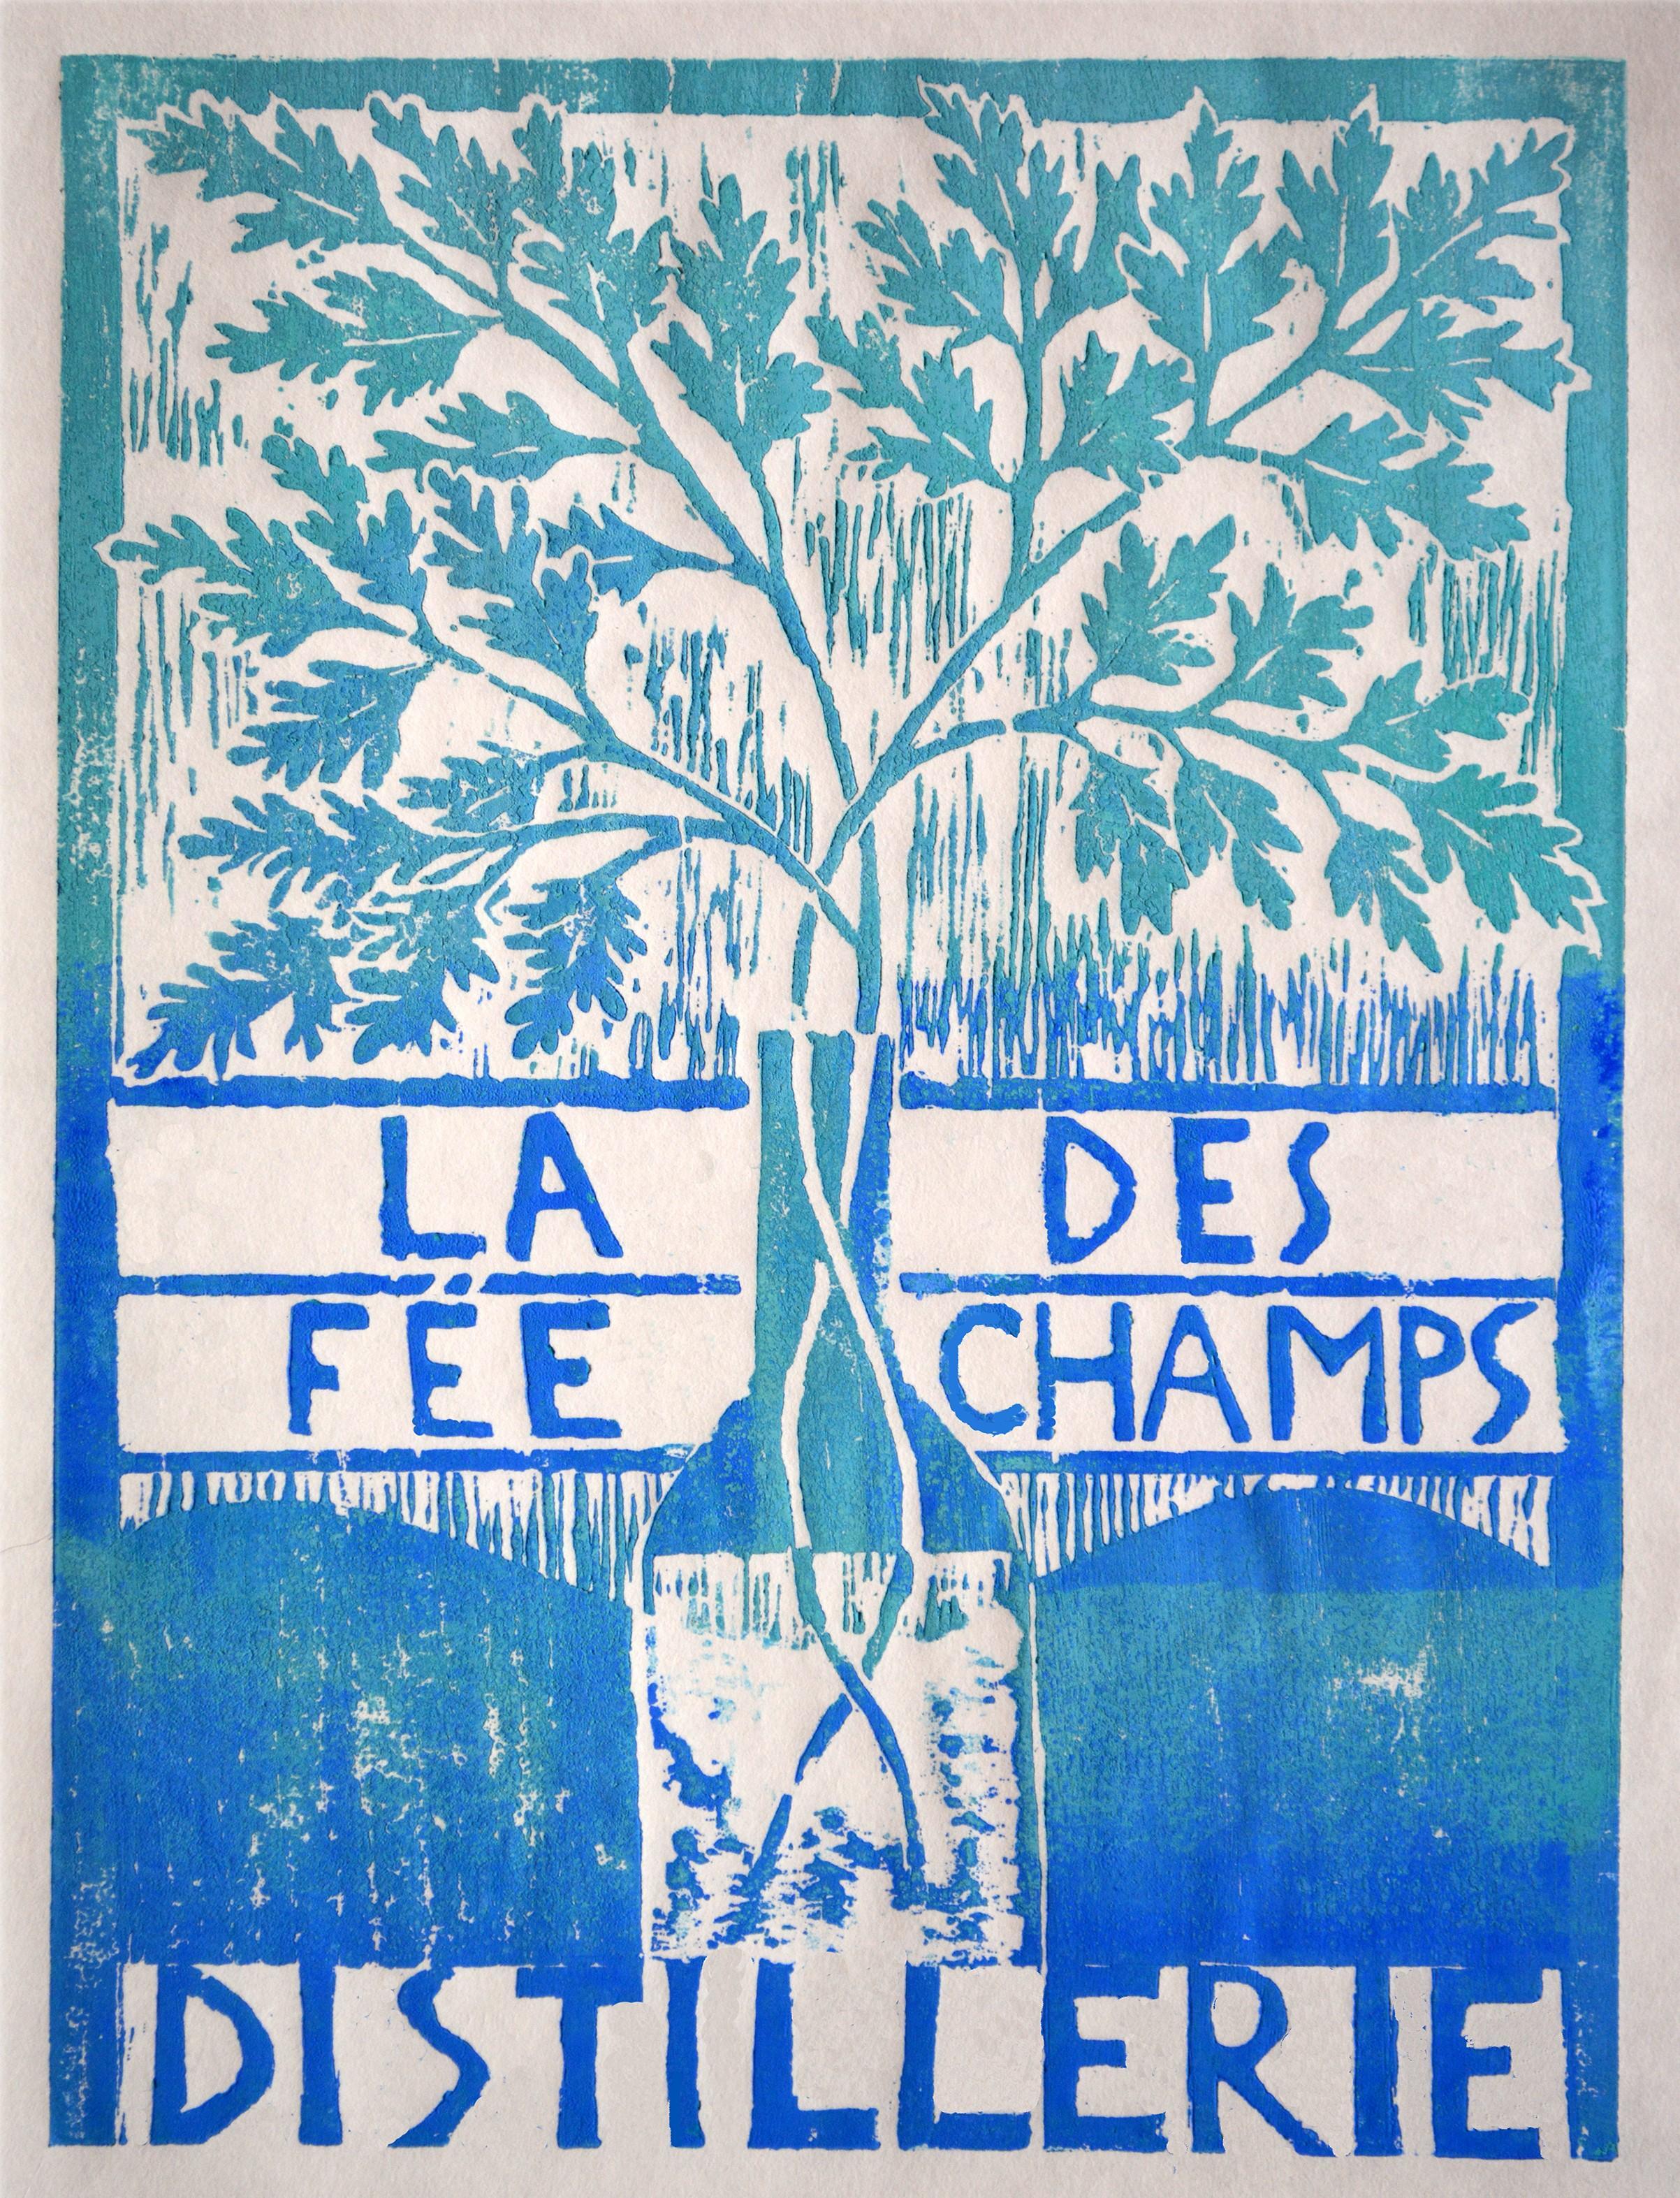 Cléa Liniger - La fée des champs, xylogravure. 2018. 21 x 30 cm